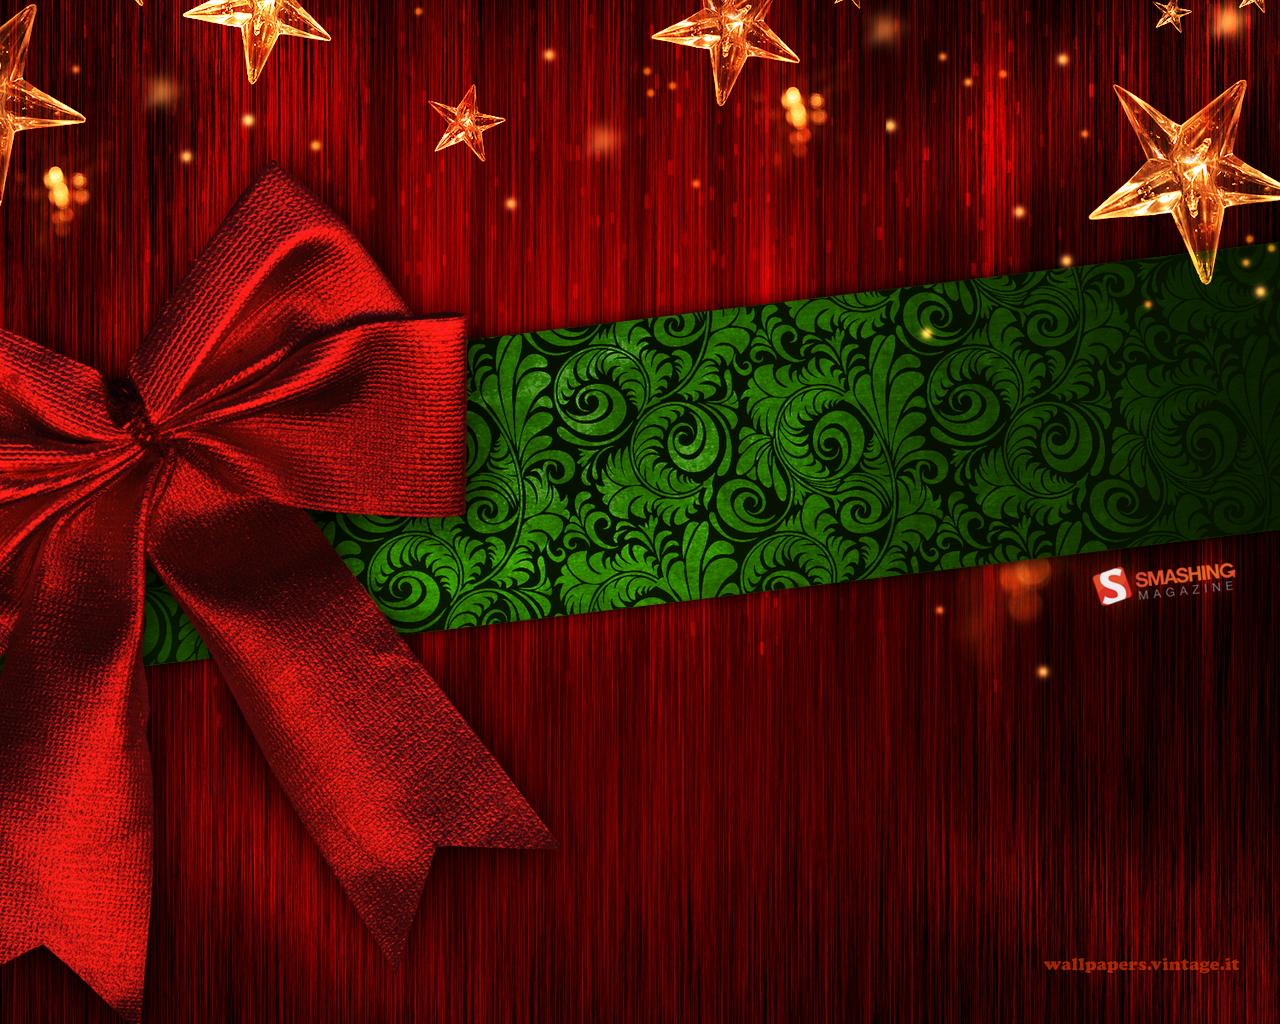 Christmas Ipad Wallpapers: Christmas Wallpaper